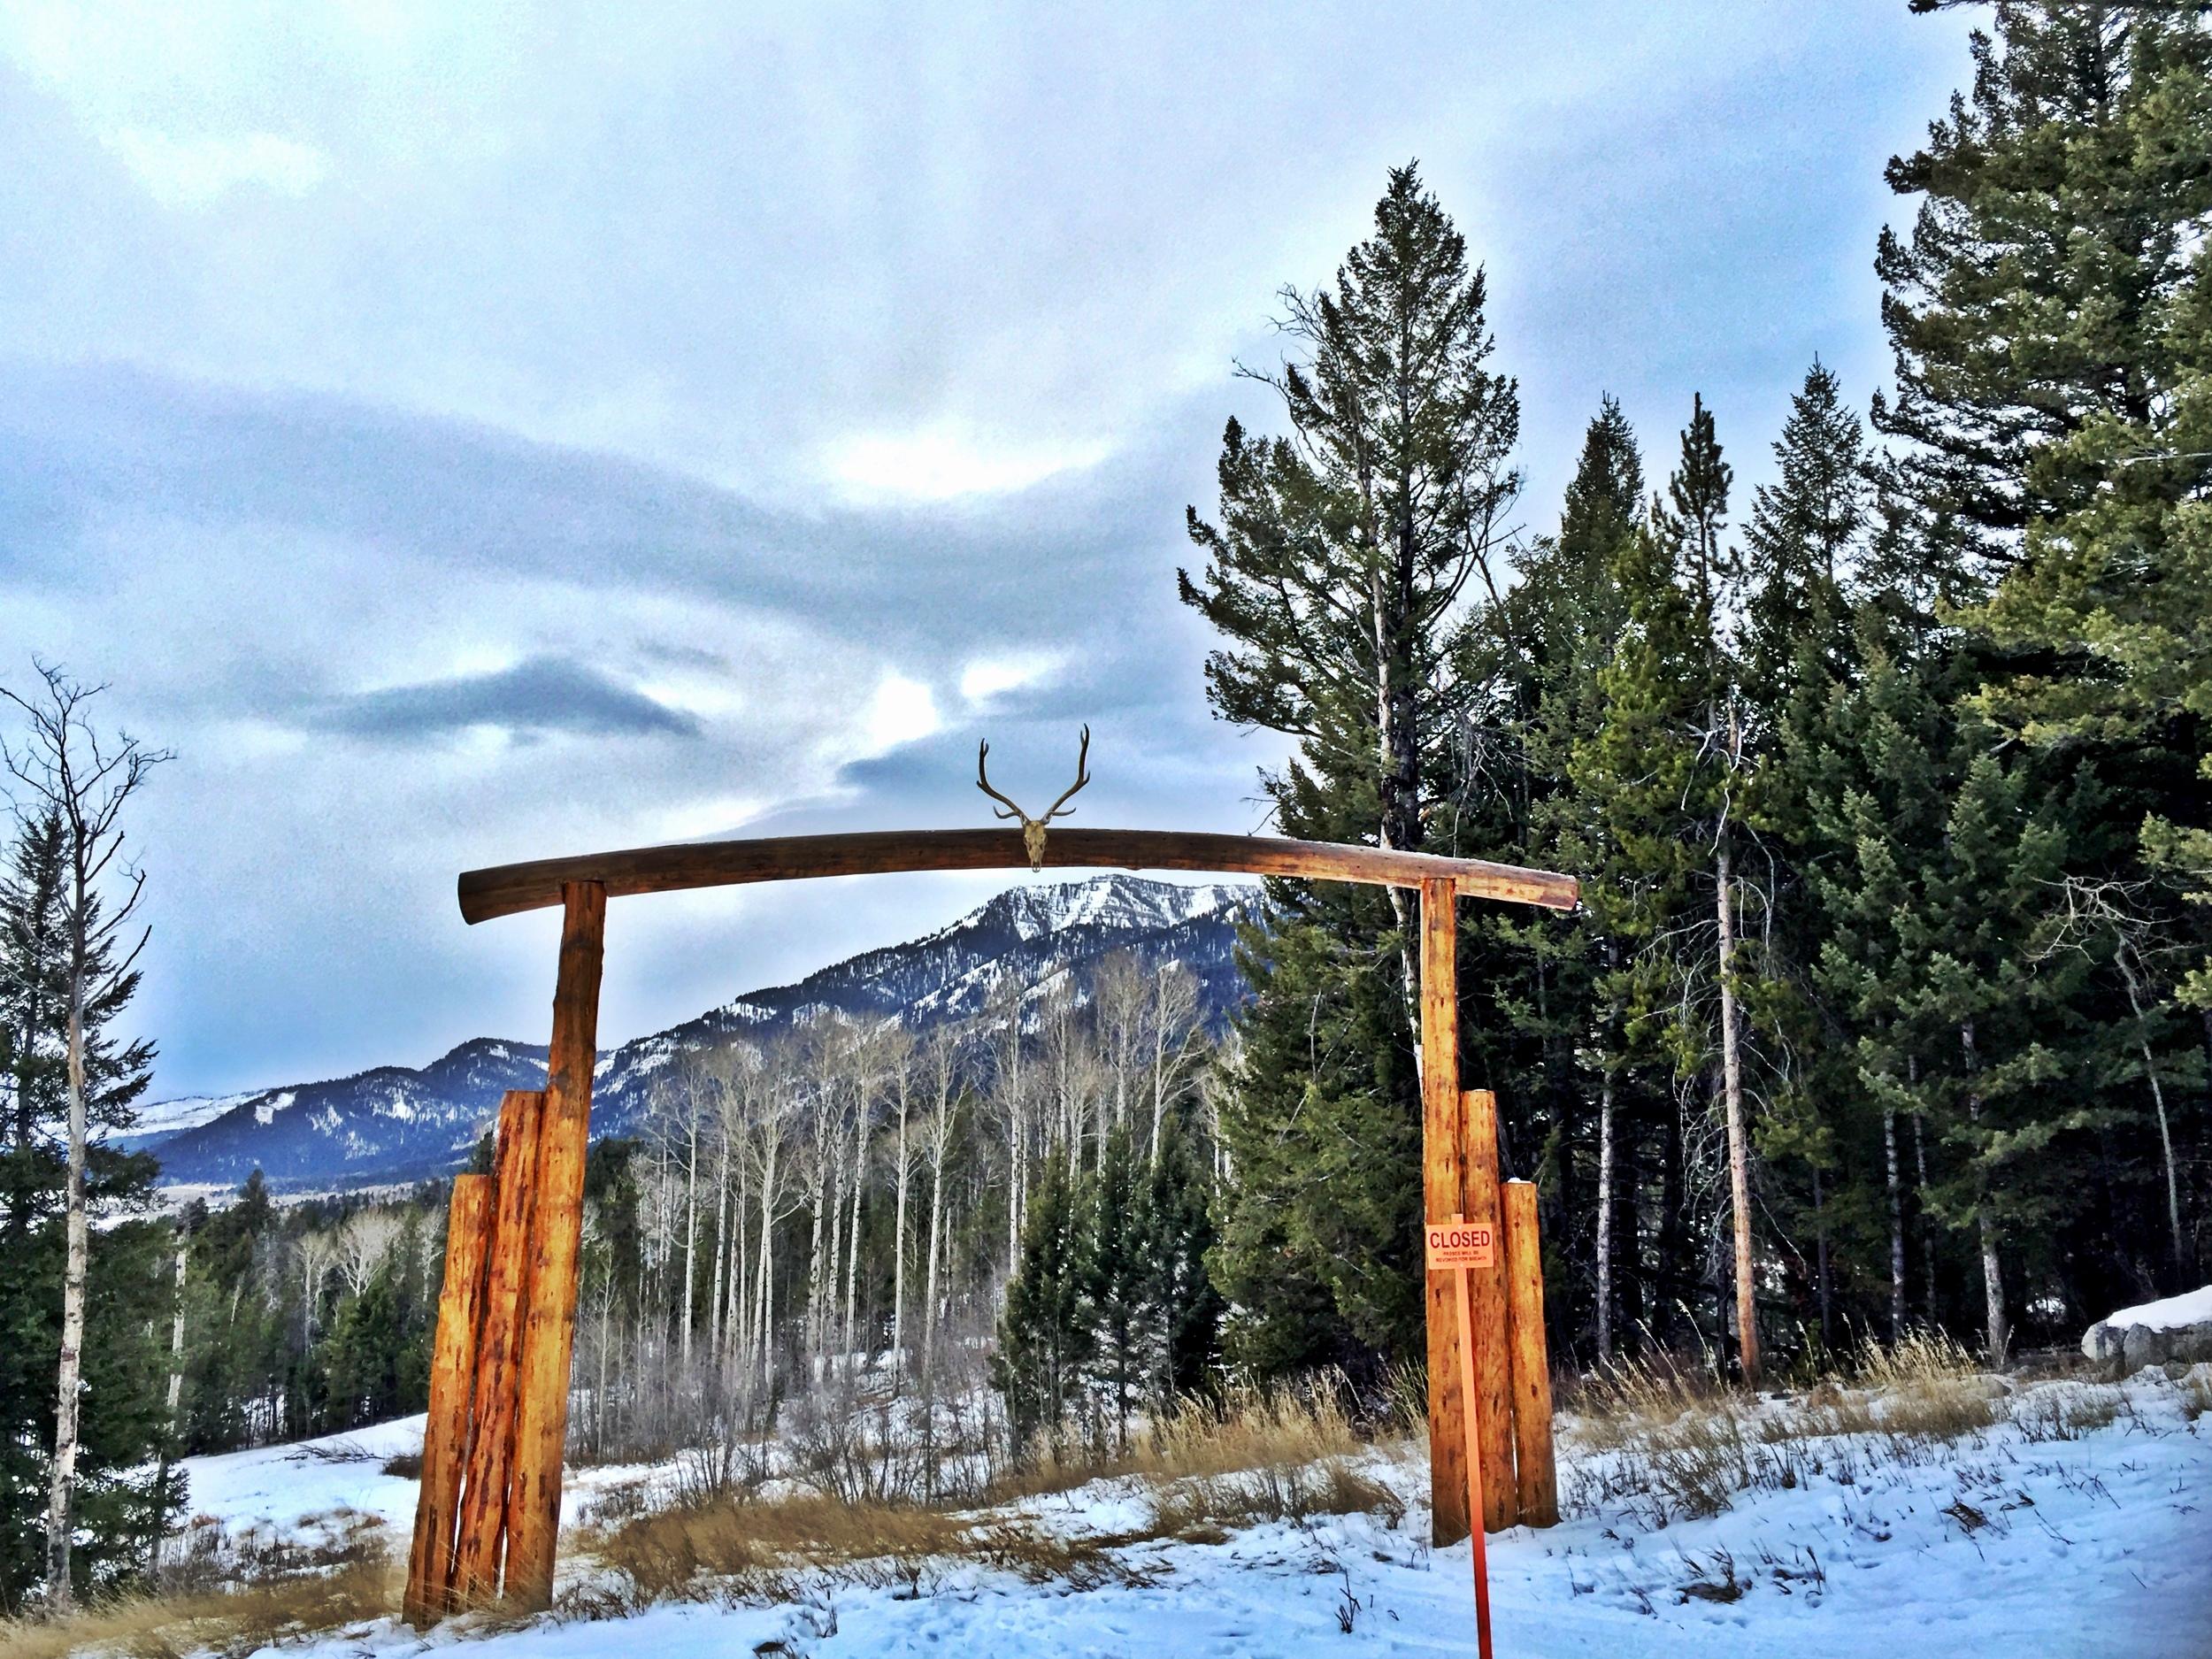 Grungy Slopes, Jackson Hole Wyoming, The Four Seasons 8.jpg